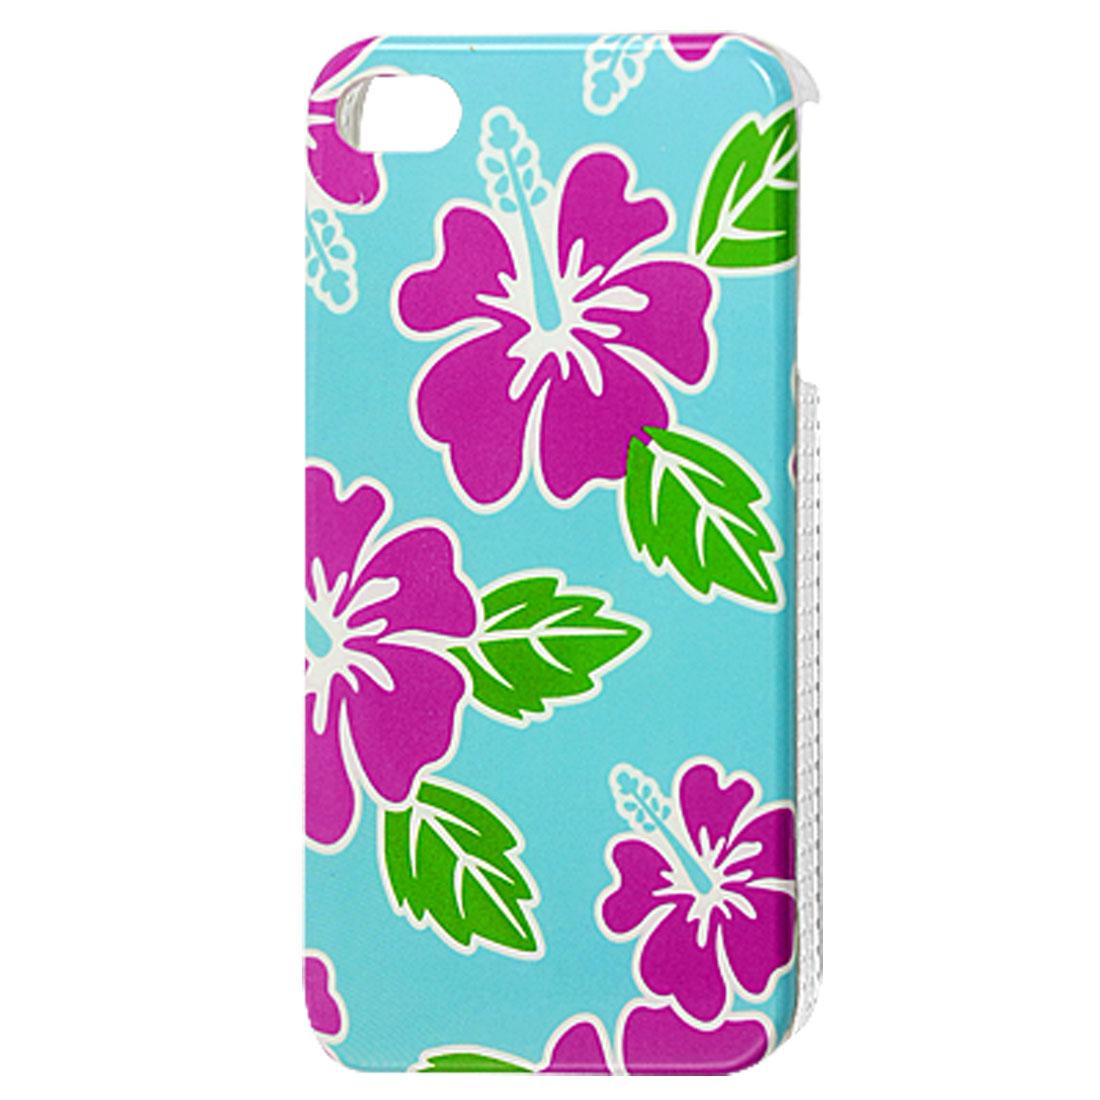 Fuchsia Flower Pattern Sky Blue Hard Plastic IMD Back Case for iPhone 4 4G 4S